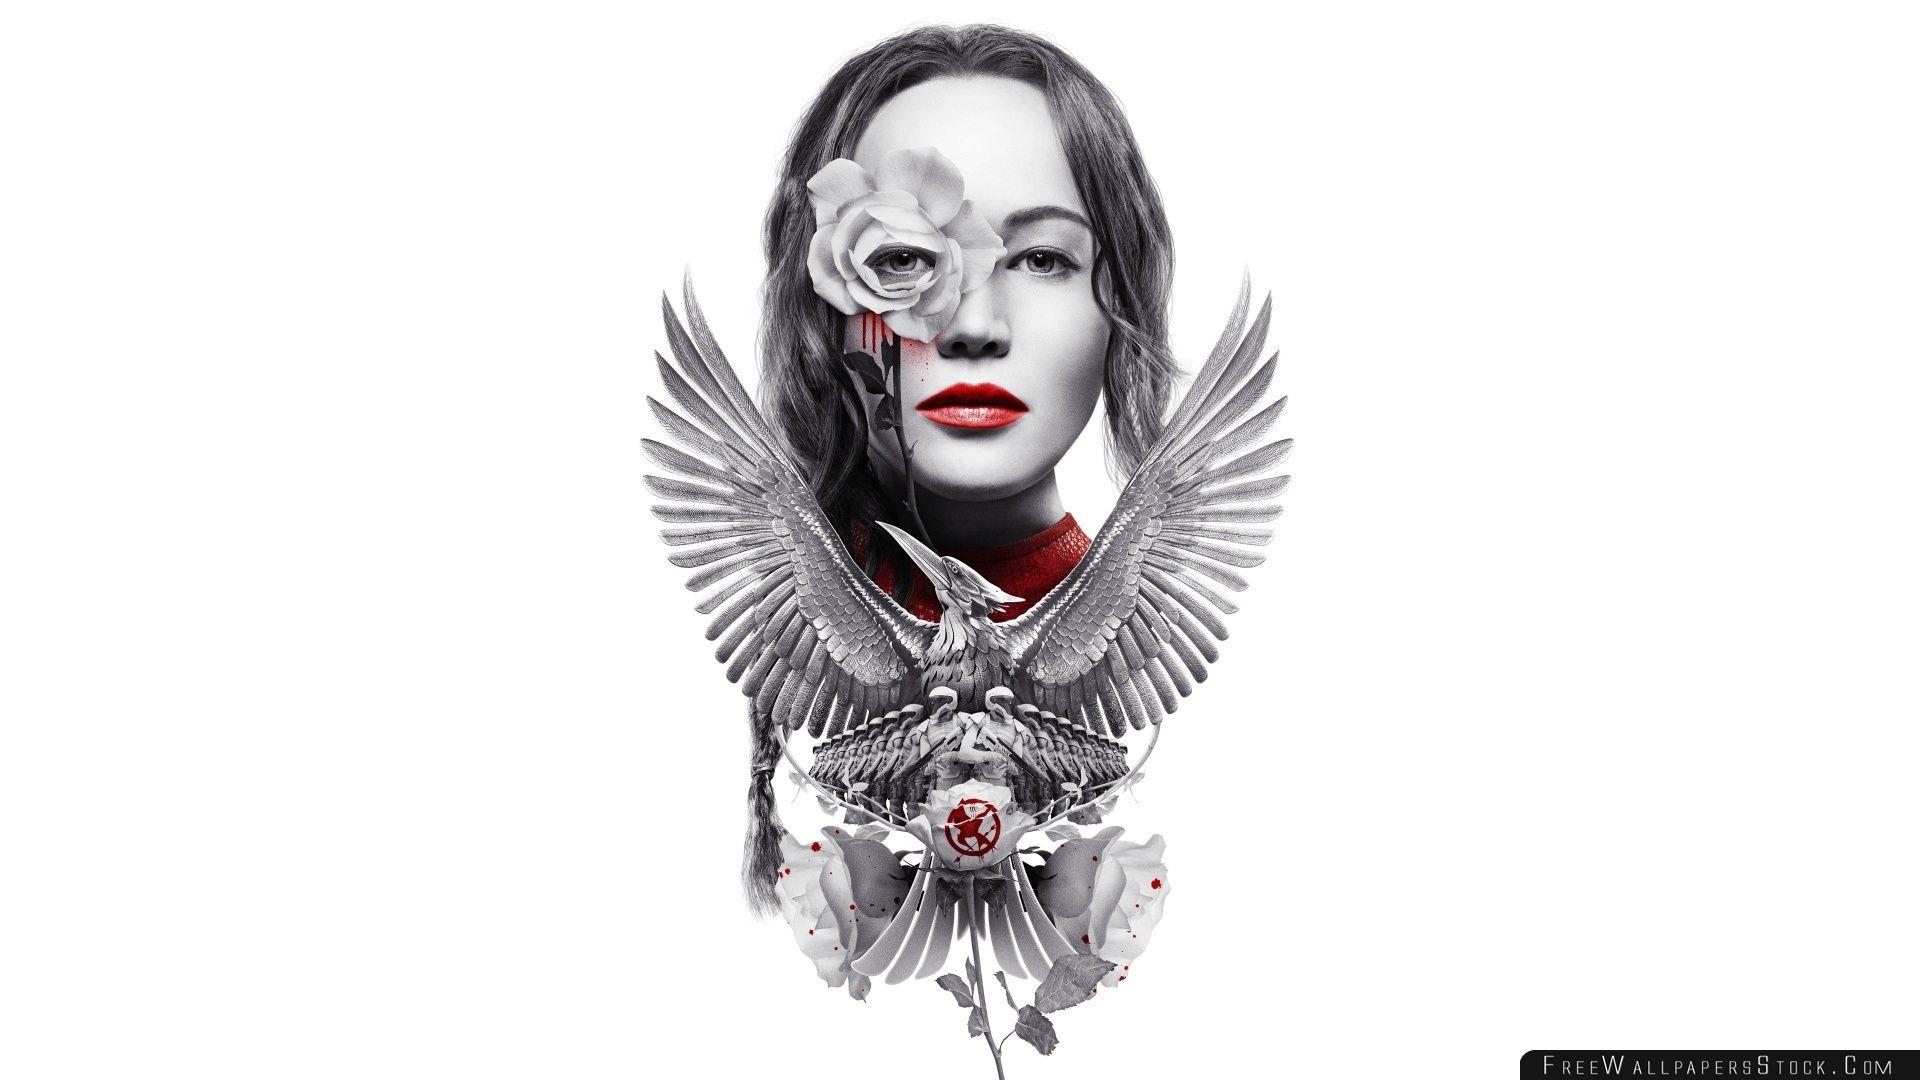 Download Free Wallpaper The Hunger Games Katniss Everdeen